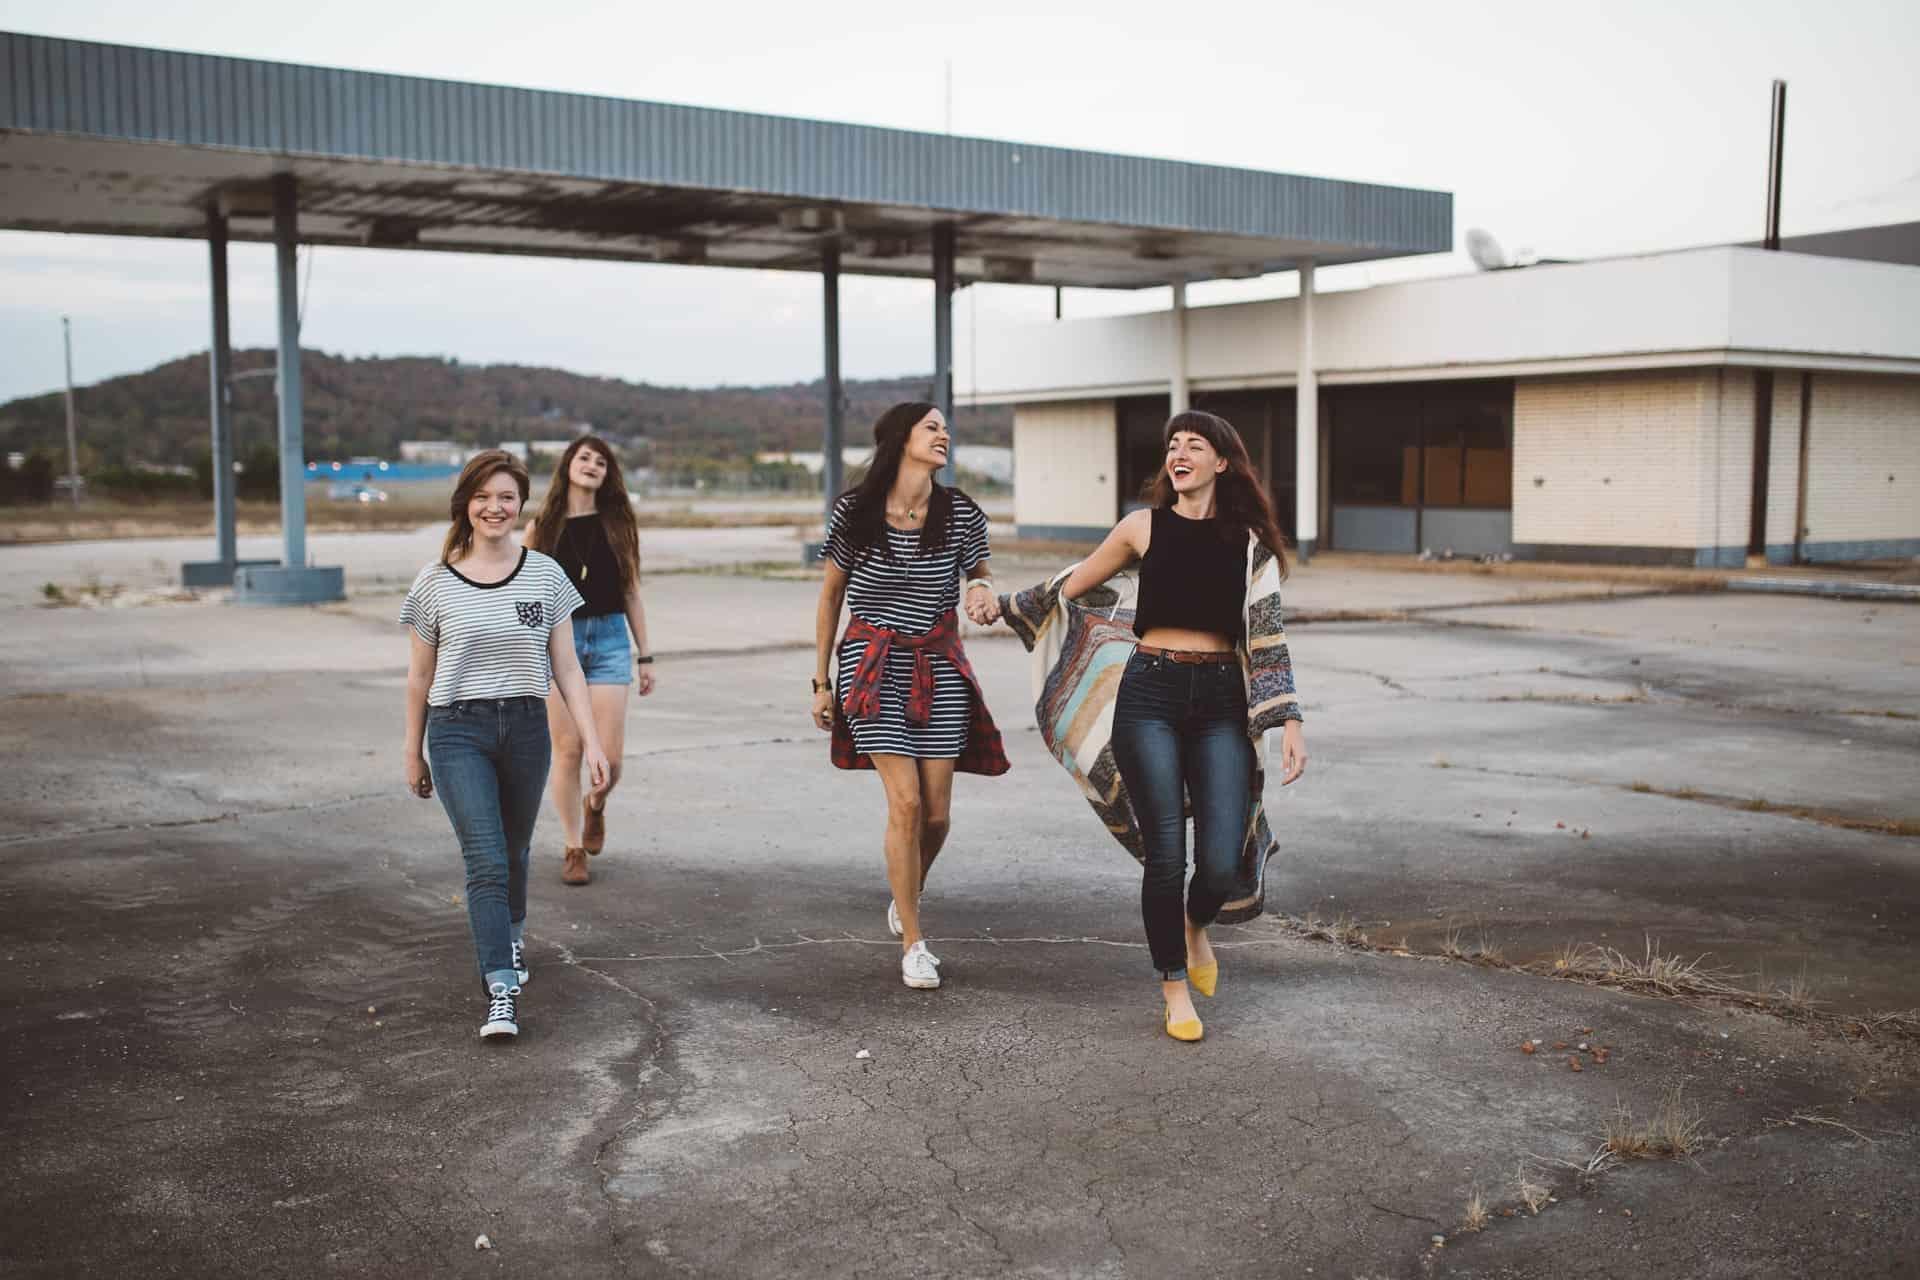 Jugendreise ohne Eltern Ferienlager - Klassenfahrten & Party